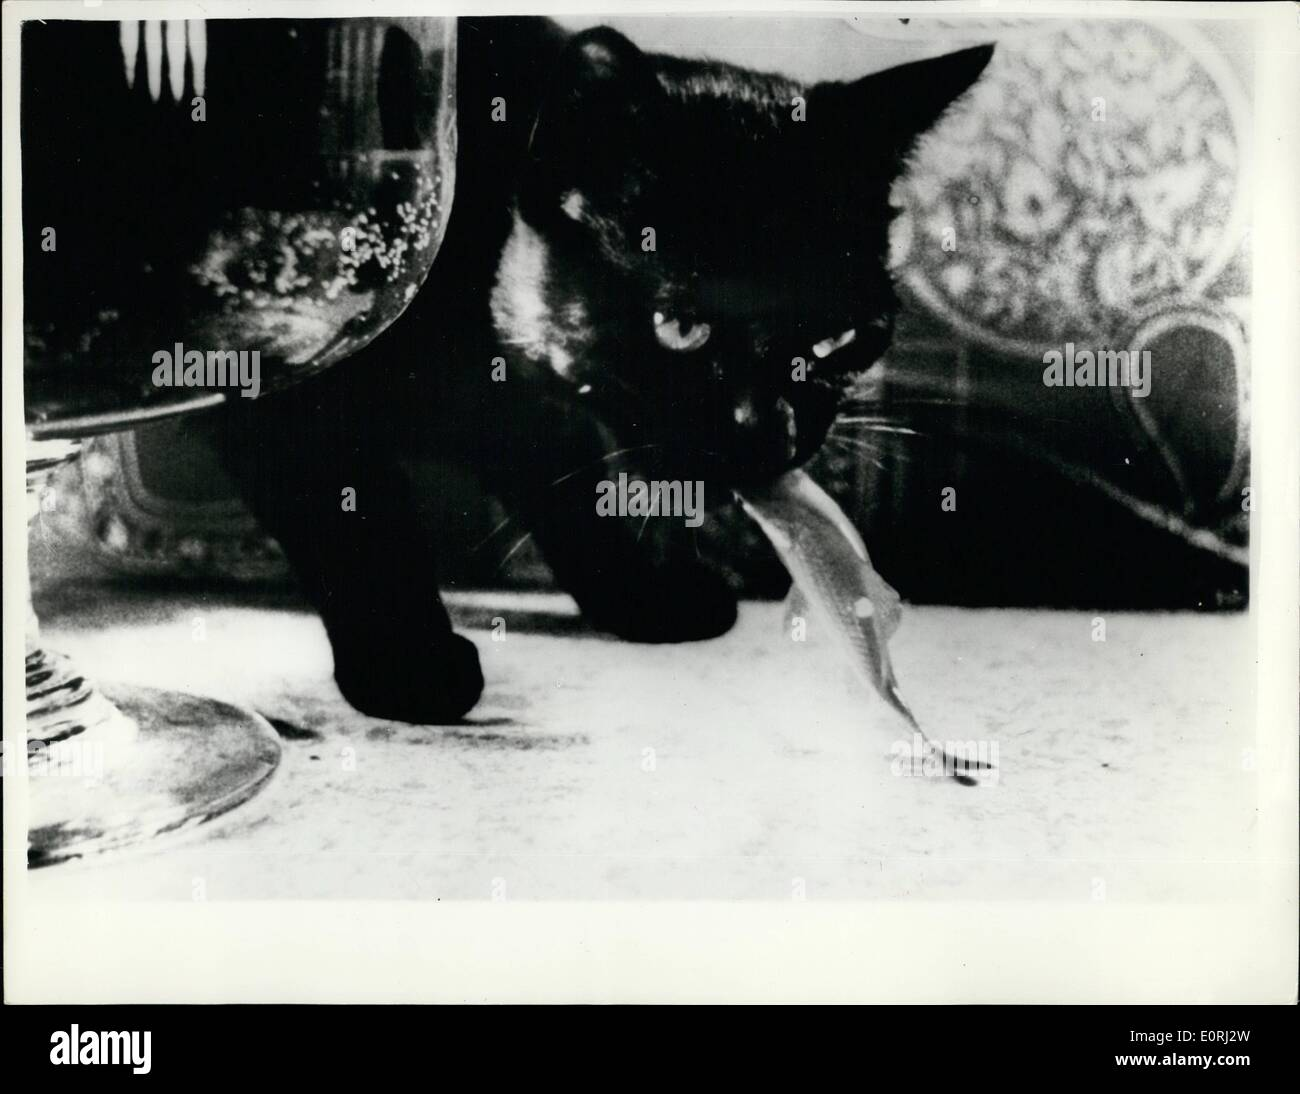 11 novembre 1959 - scène du nouveau film documentaire: ''Le poisson d'Or'' Chat et Poisson Rouge crée le suspens.: Bien qu'il n'y a pas de dialogue - le nouveau film documentaire ''Le poisson d'Or'' indiqué dans le West End de Londres est sensationnel. Je dispose d'un chat de gouttière - un canari et un poisson rouge - et dure 24 minutes. Garçon va à l'école et chat est laissé à la maison - il joue avec le secteur de l'agriculture - et le poisson rouge Le suspense est construit par le garçon à la maison de l'école - et le cay jouant avec l'oiseau et l'hôtellerie Banque D'Images